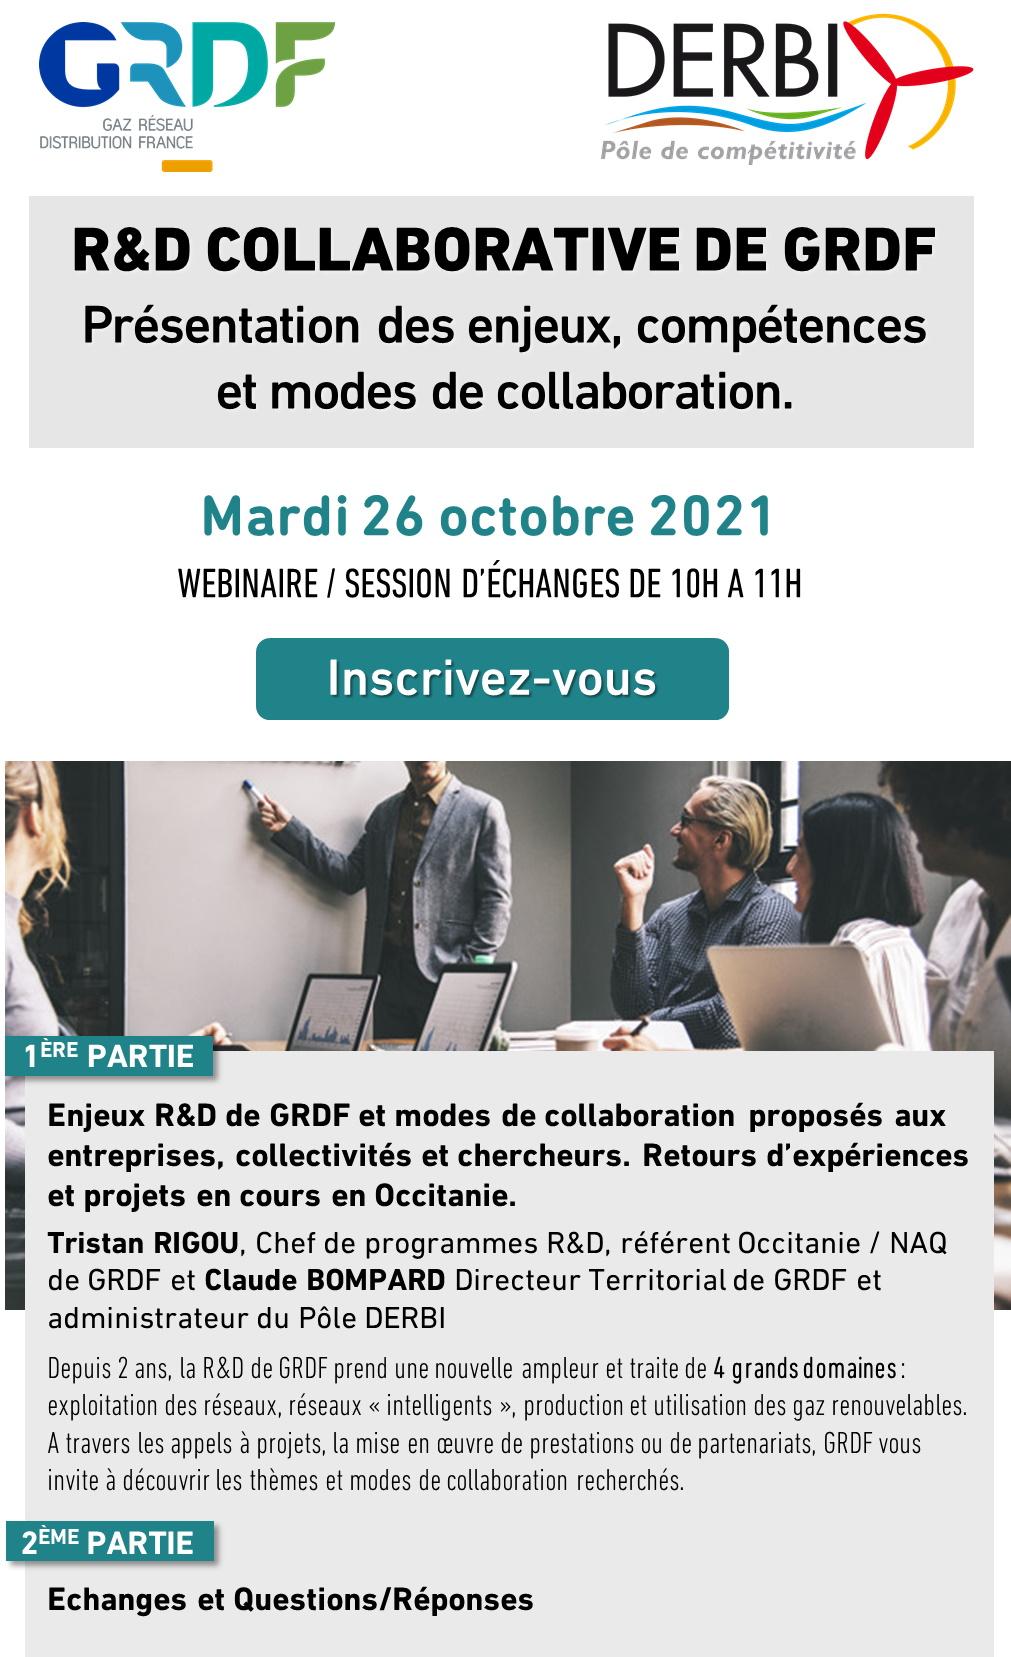 Session echange GRDF - Pôle de compétitivité Derbi